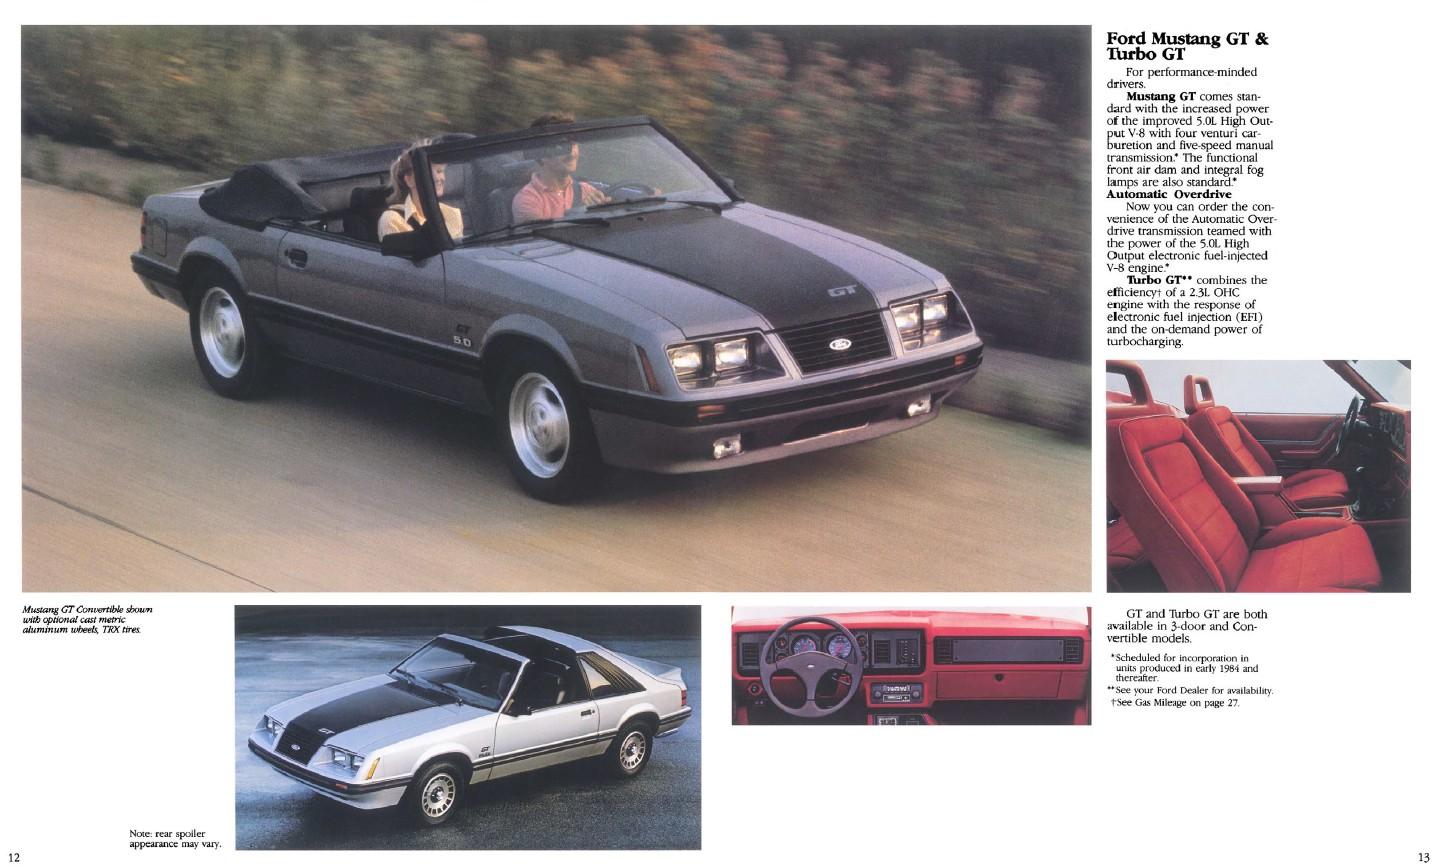 1984-ford-mustang-brochure-08.jpg